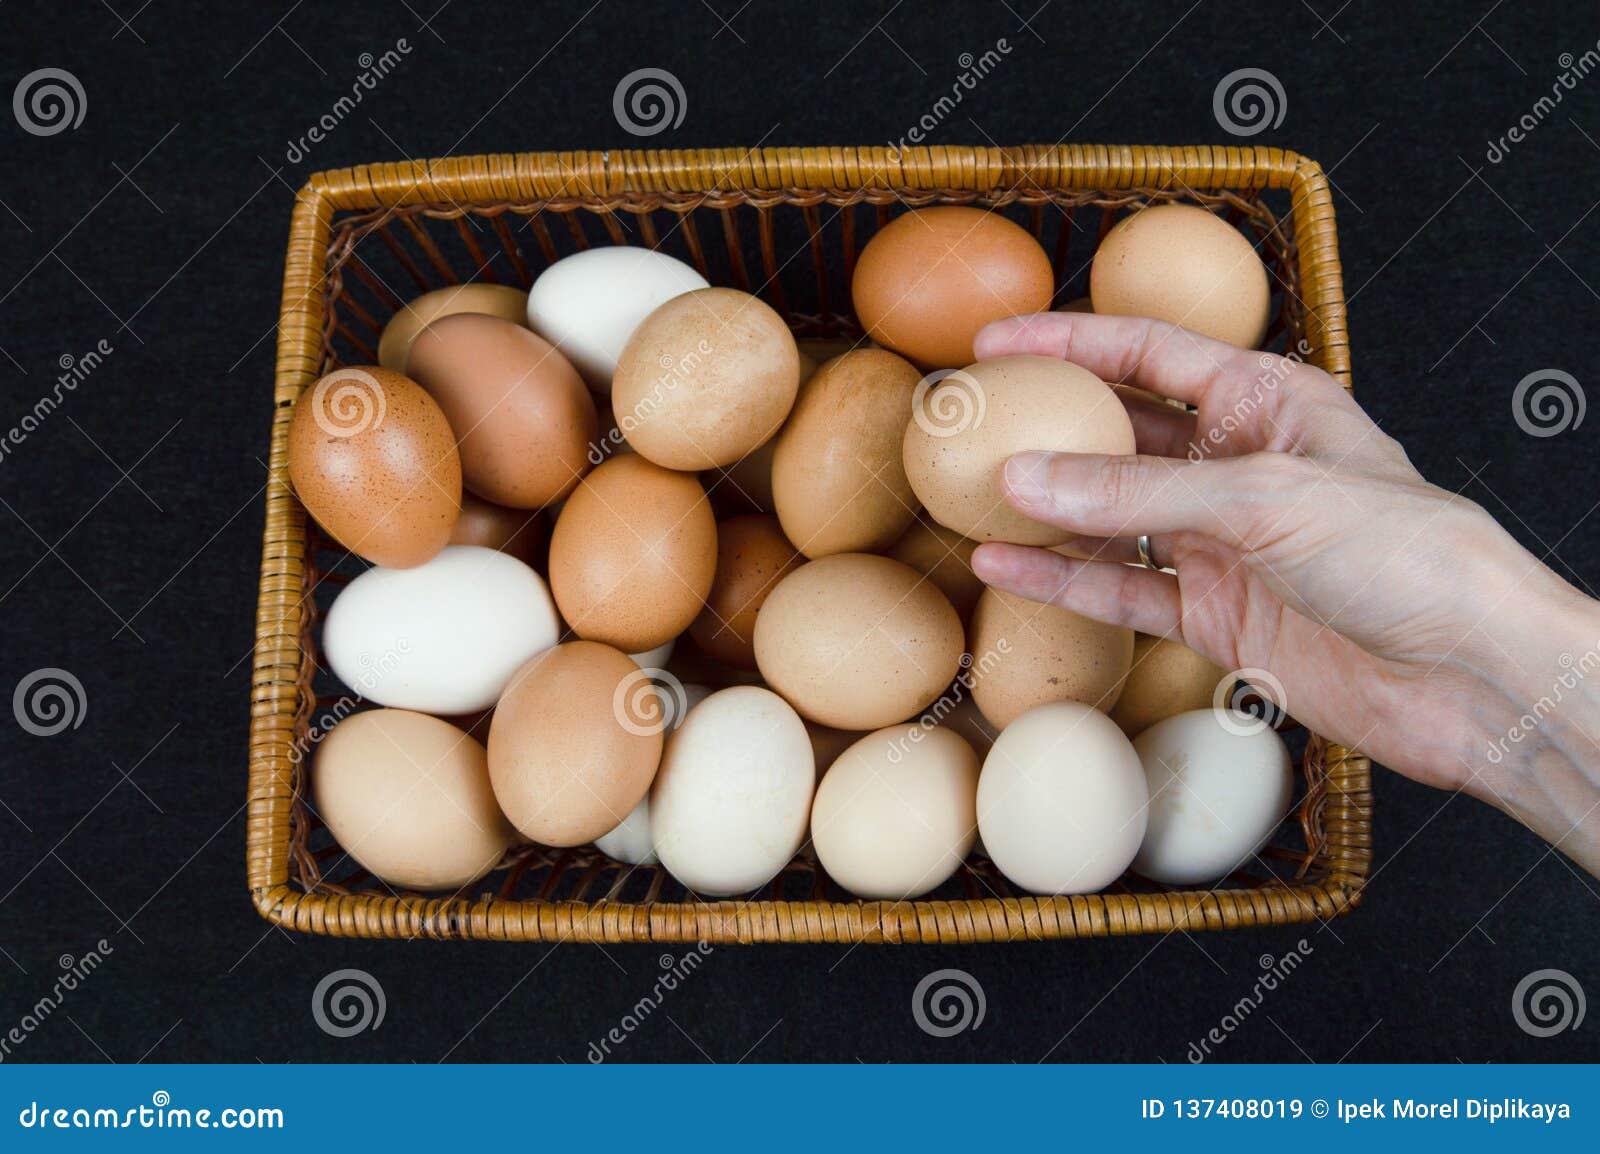 Θηλυκό χέρι που παίρνει ένα αυγό κοτόπουλου από ένα καλάθι σε ένα μαύρο υπόβαθρο